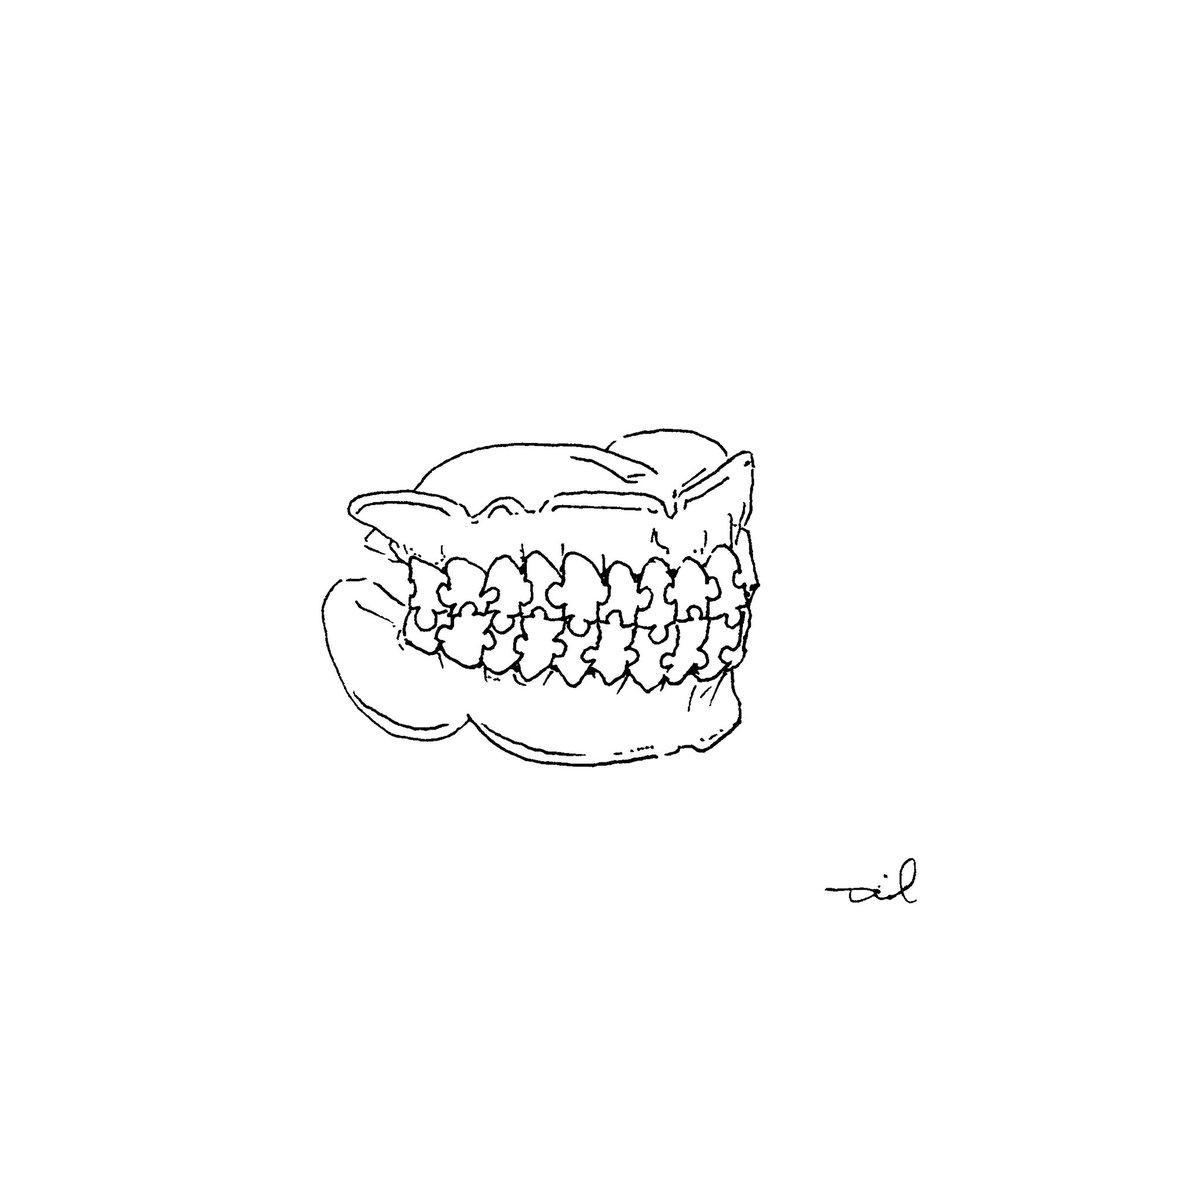 . No.1664【マウスピース】 #art #artwork #drawing #illustrator #illustration #illust #paint #scketch #アート #ドローイング #デザイン #イラスト #イラストレーション #スケッチ #絵 #tonnotil #歯 #パズル #tooth #puzzle